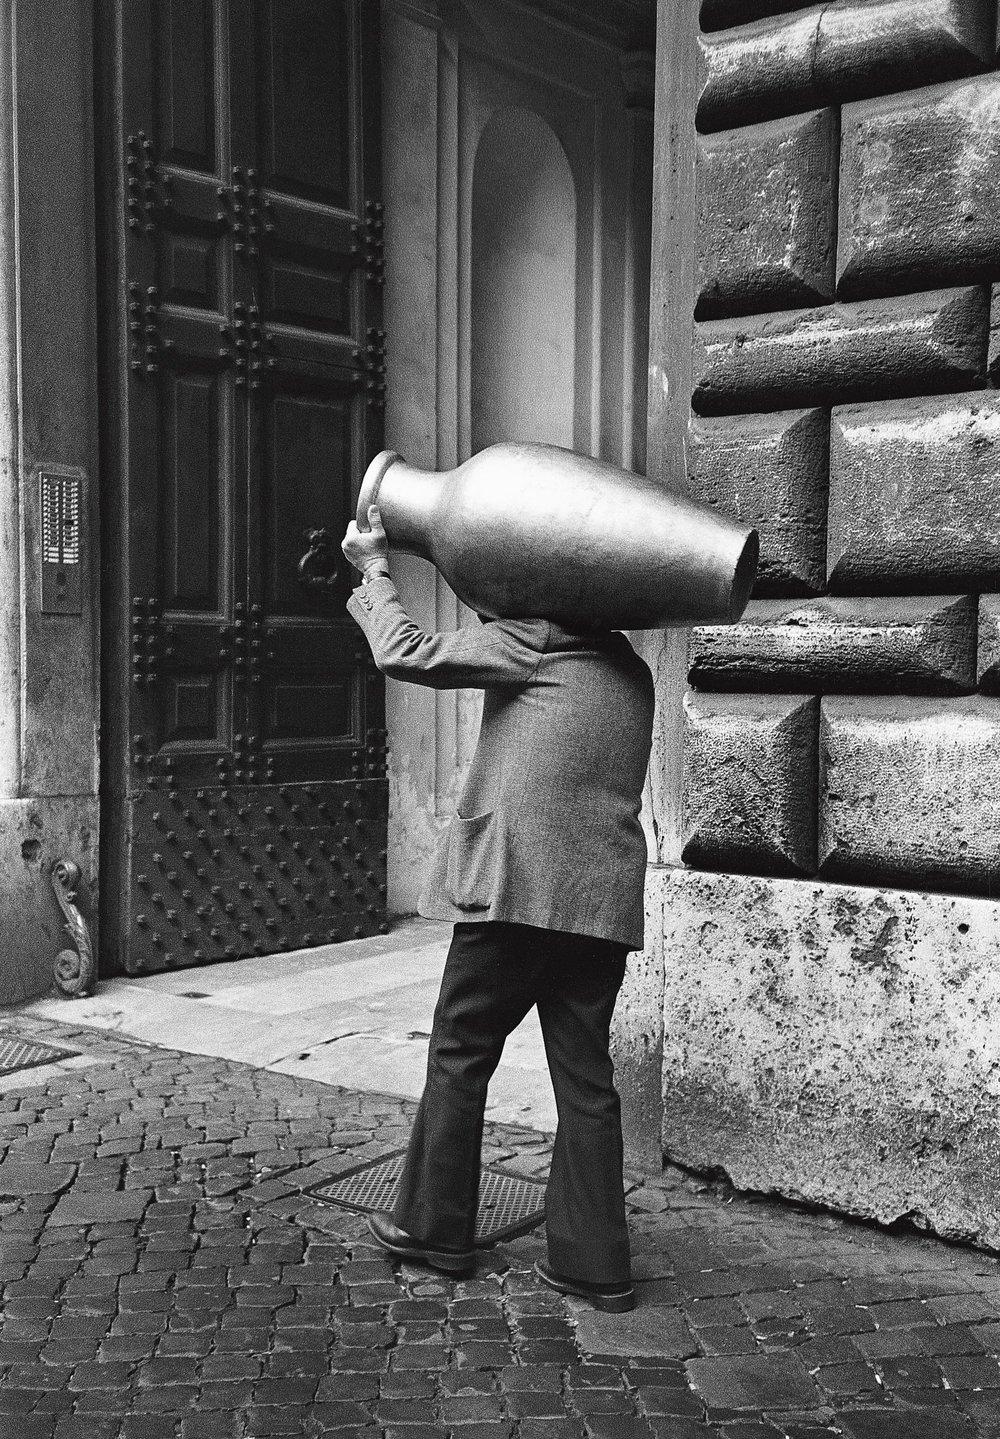 L'homme à la cruche, Rome 1984